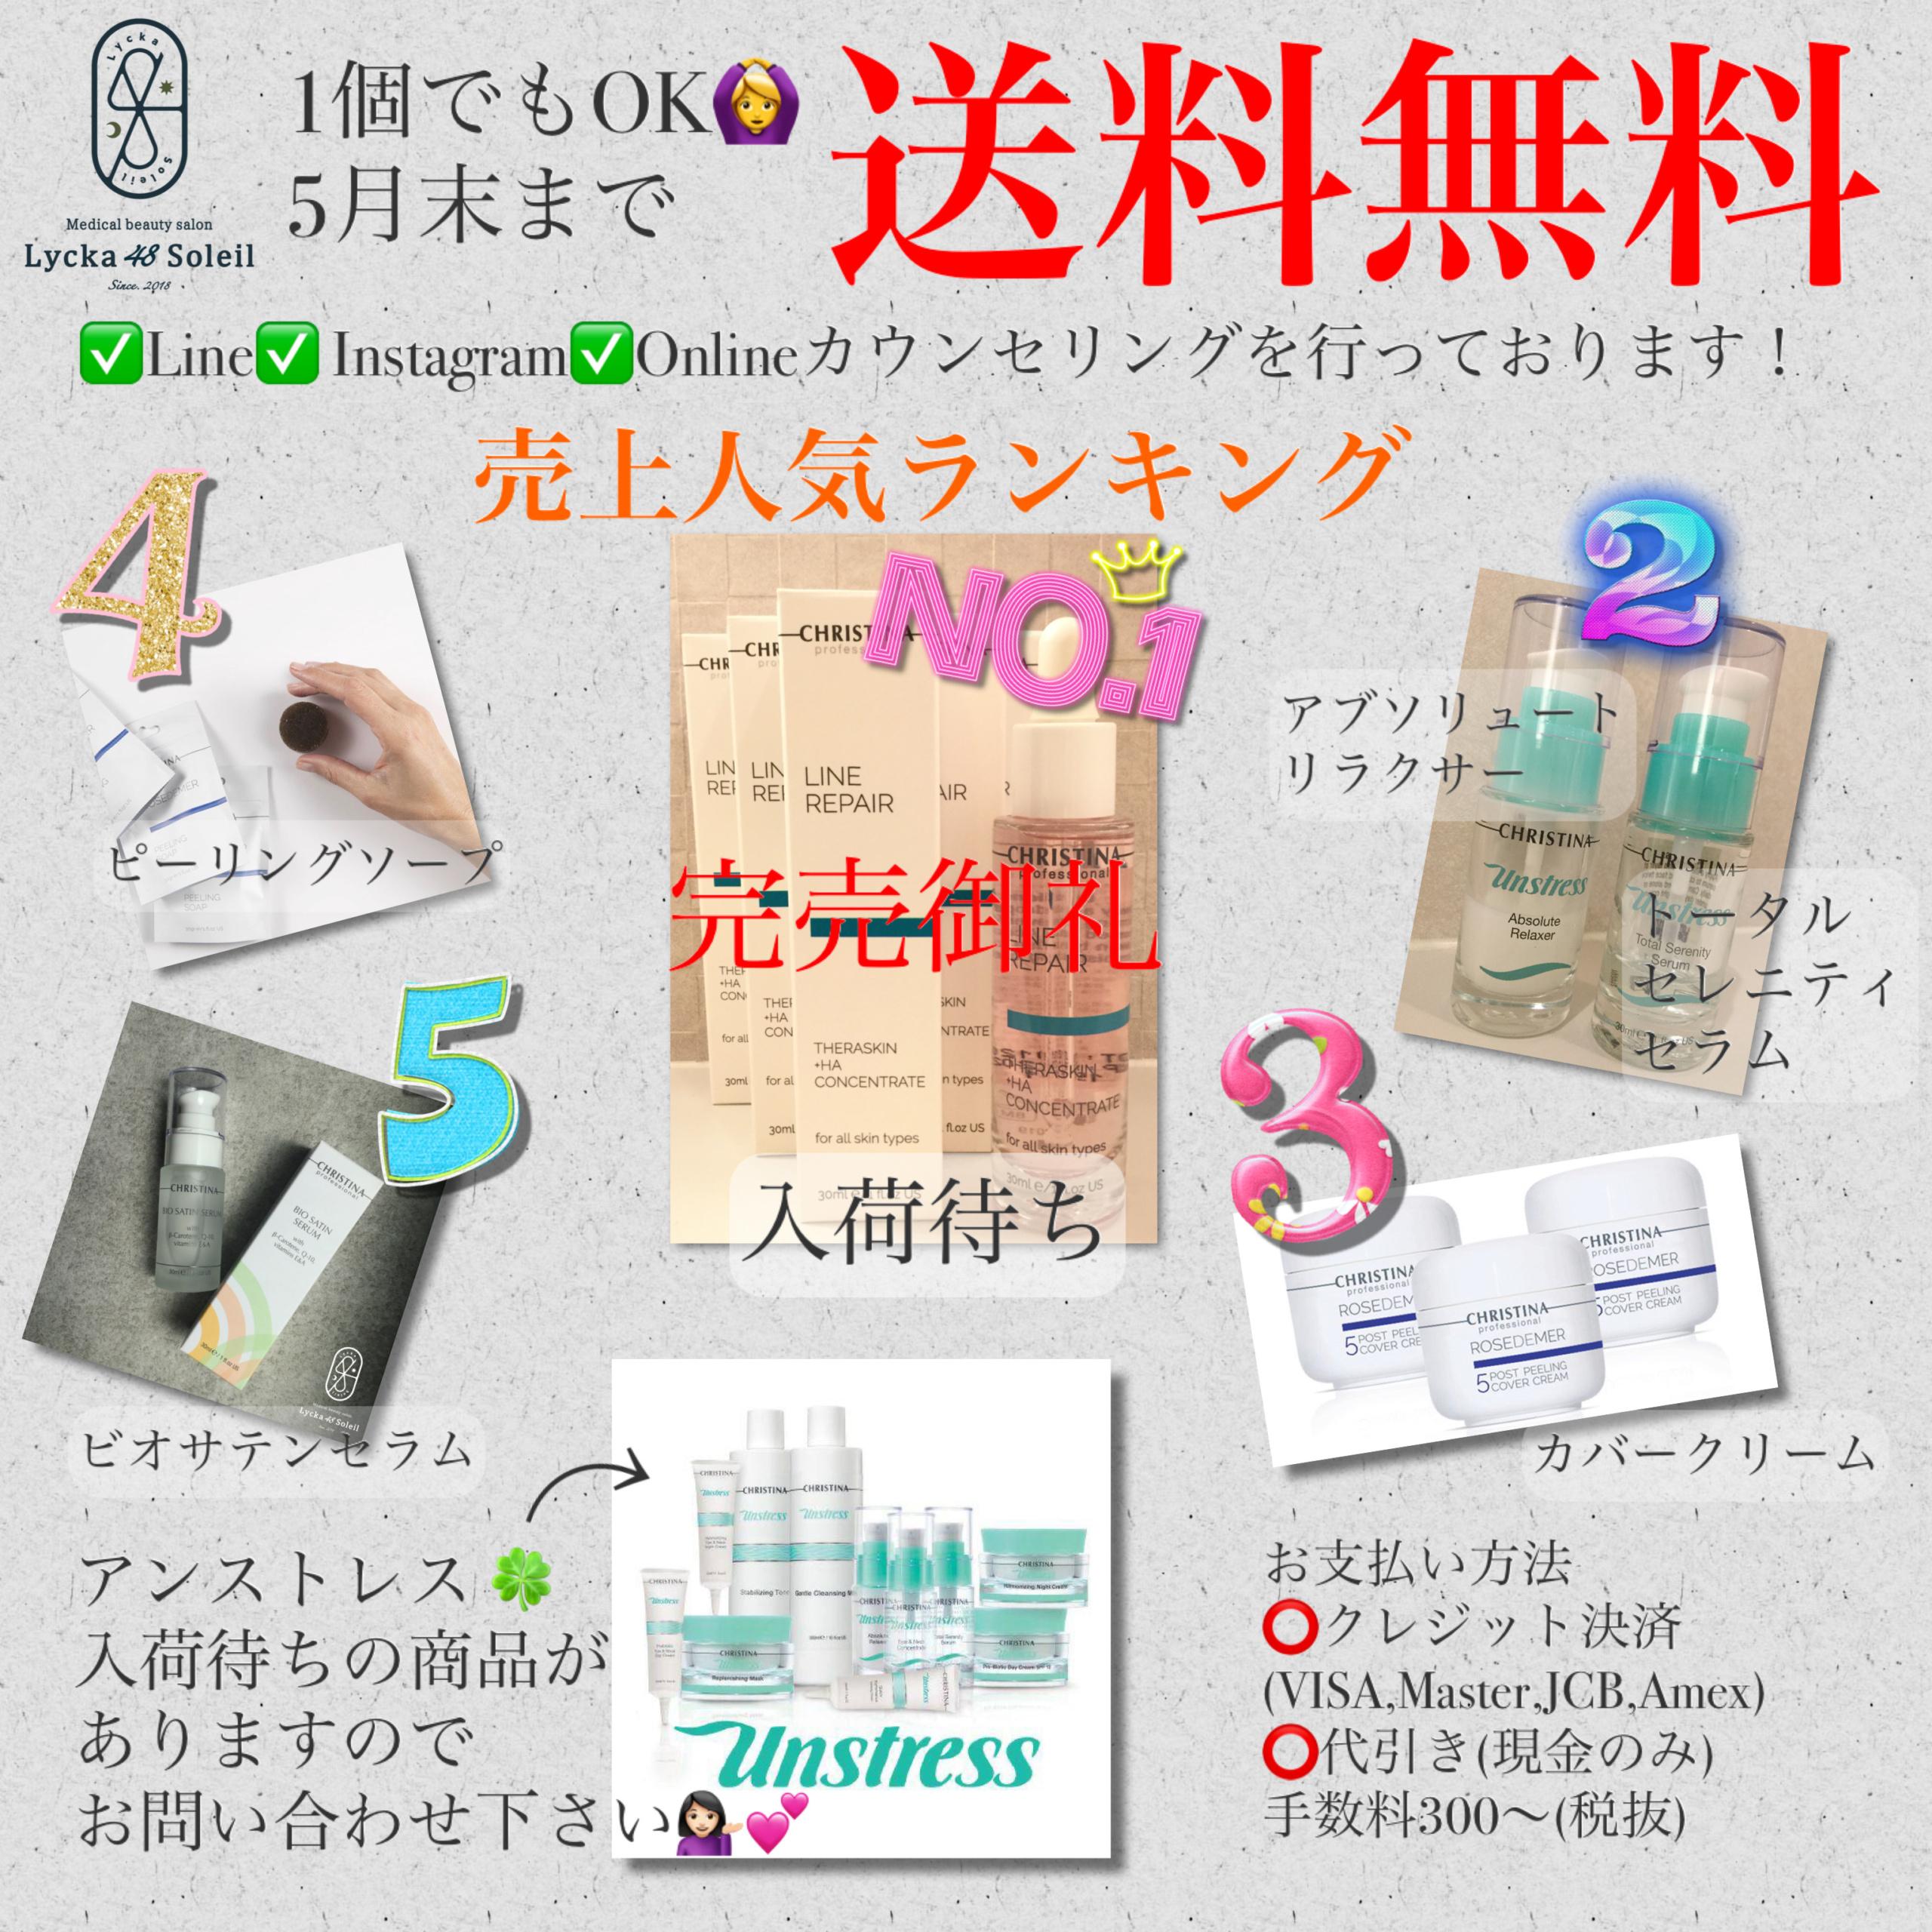 1個でも0K!全カウンセリング化粧品&デンタル商品送料無料!